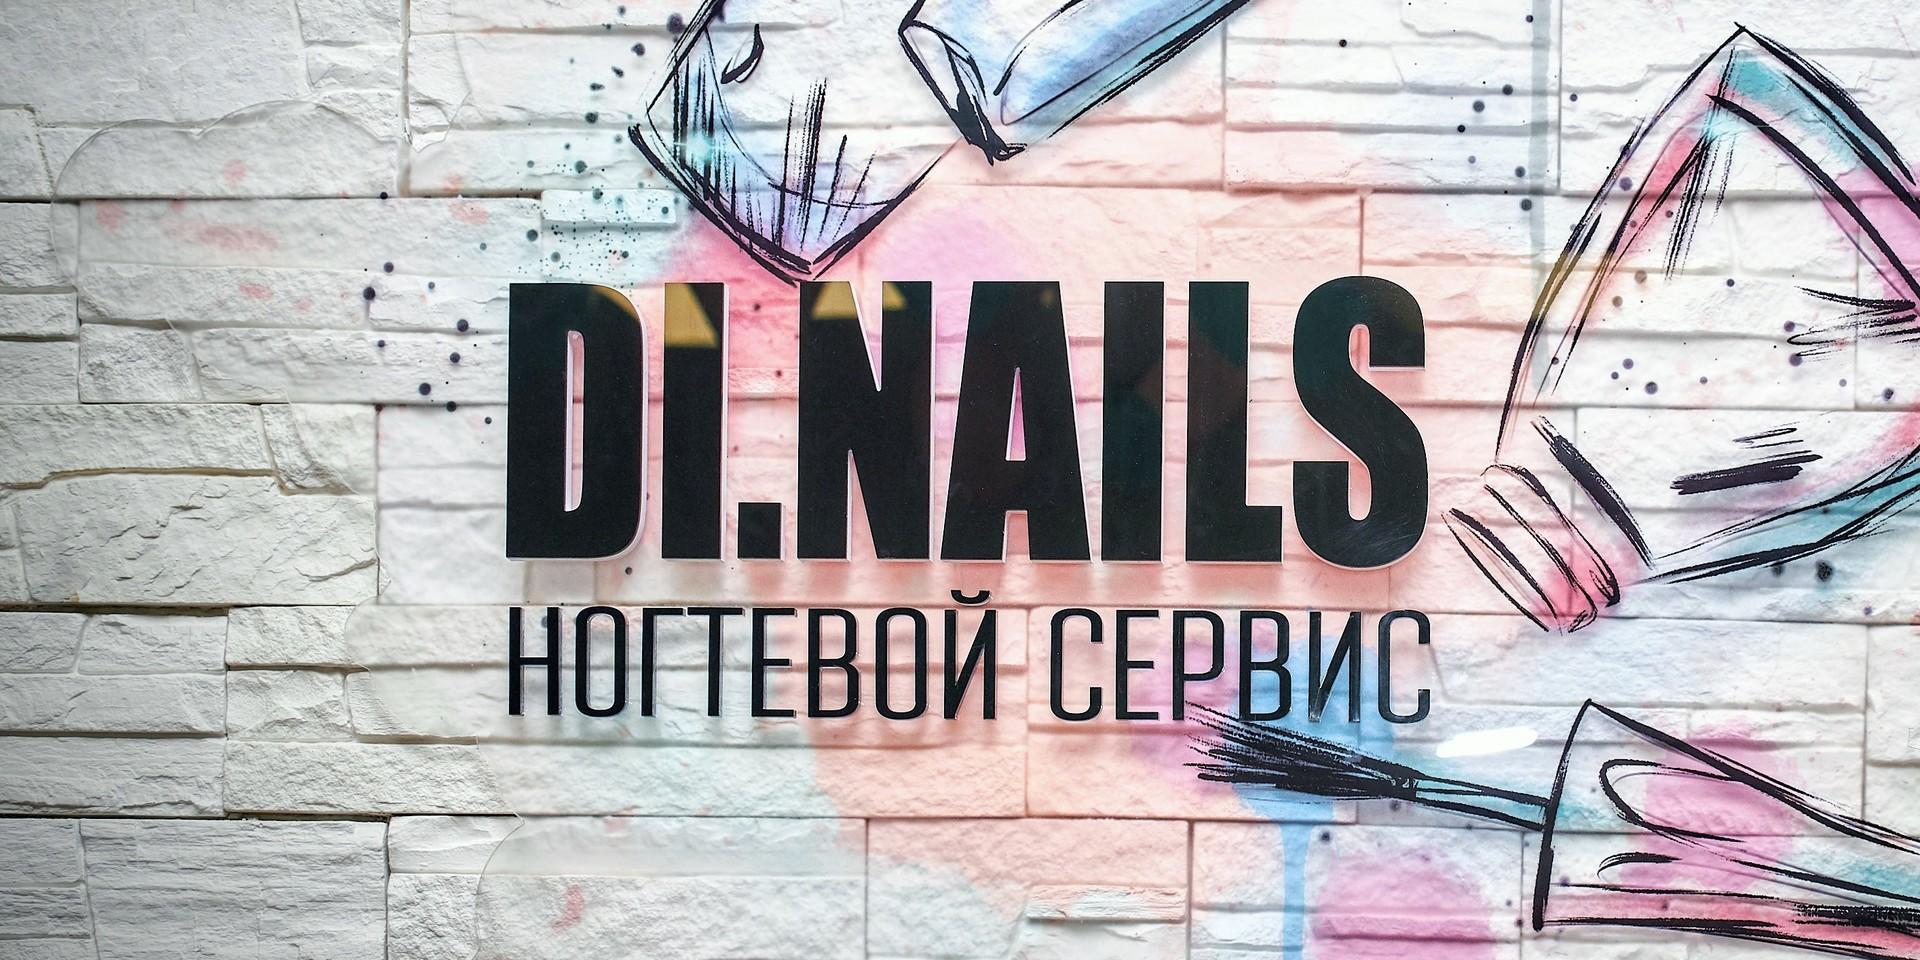 DI.NAILS ногтевой сервис